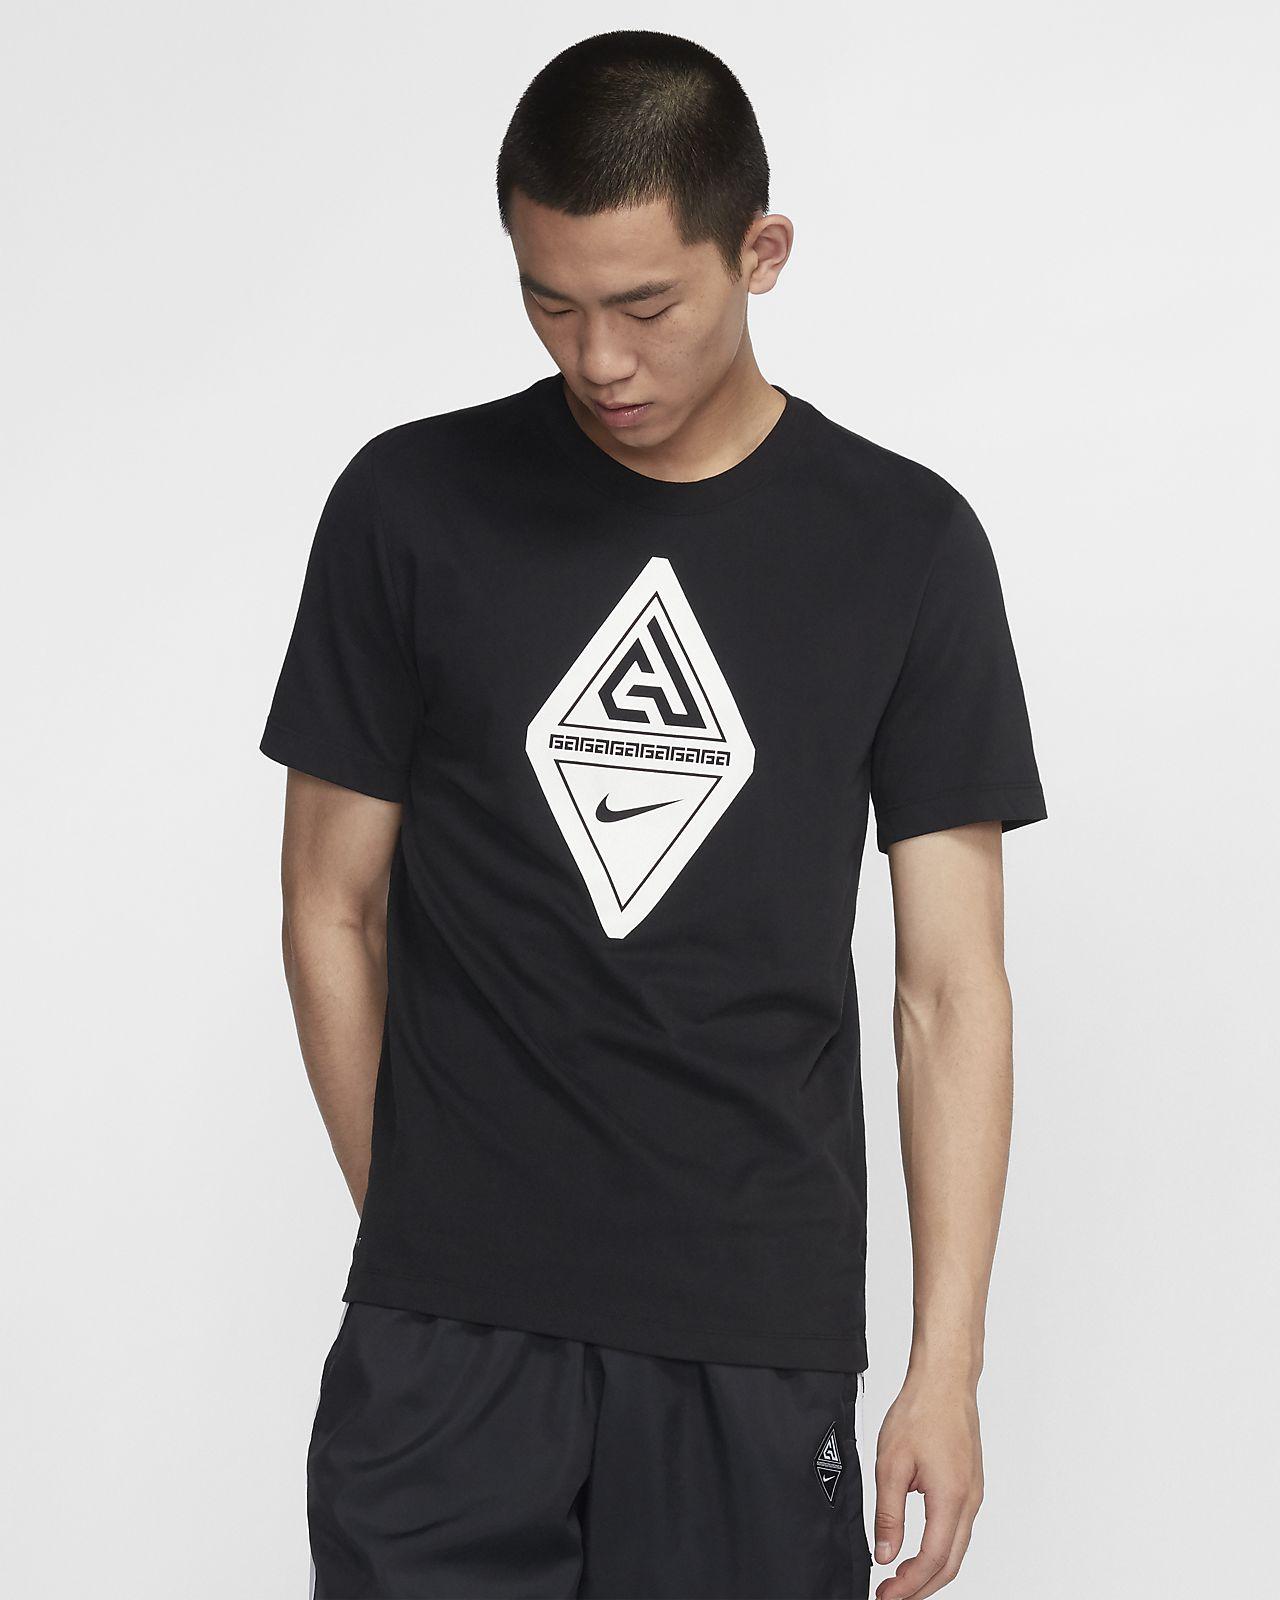 ヤニス ナイキ Dri-FIT メンズ ロゴ バスケットボール Tシャツ